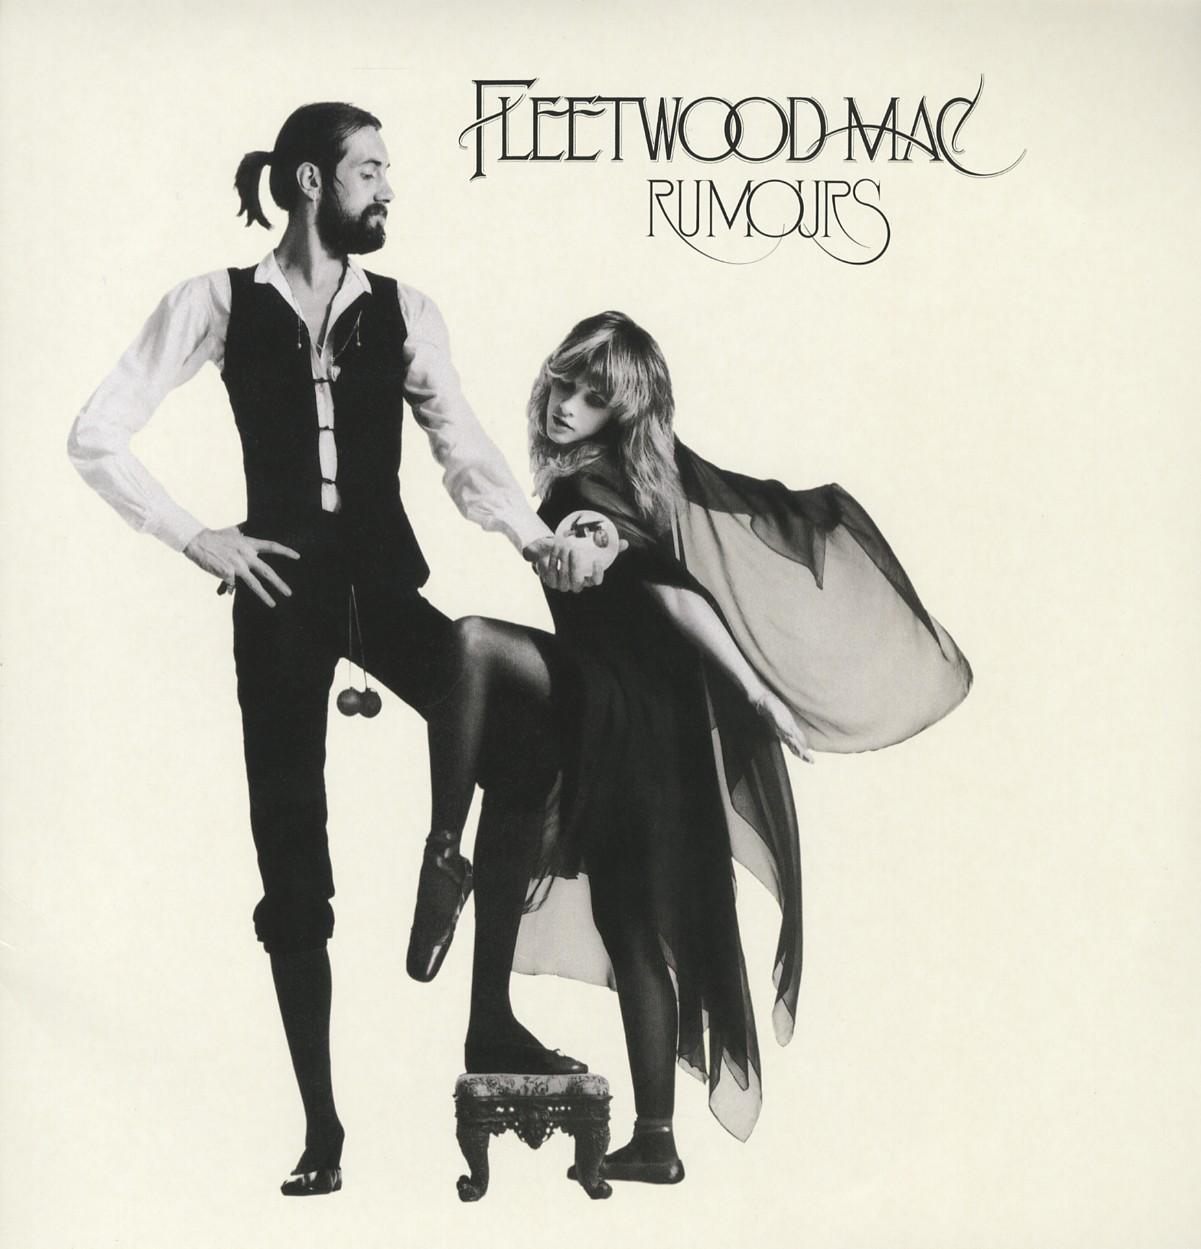 Rumours - Fleetwood Mac - Musik - Warner Music - 0093624979357 - April 15, 2011